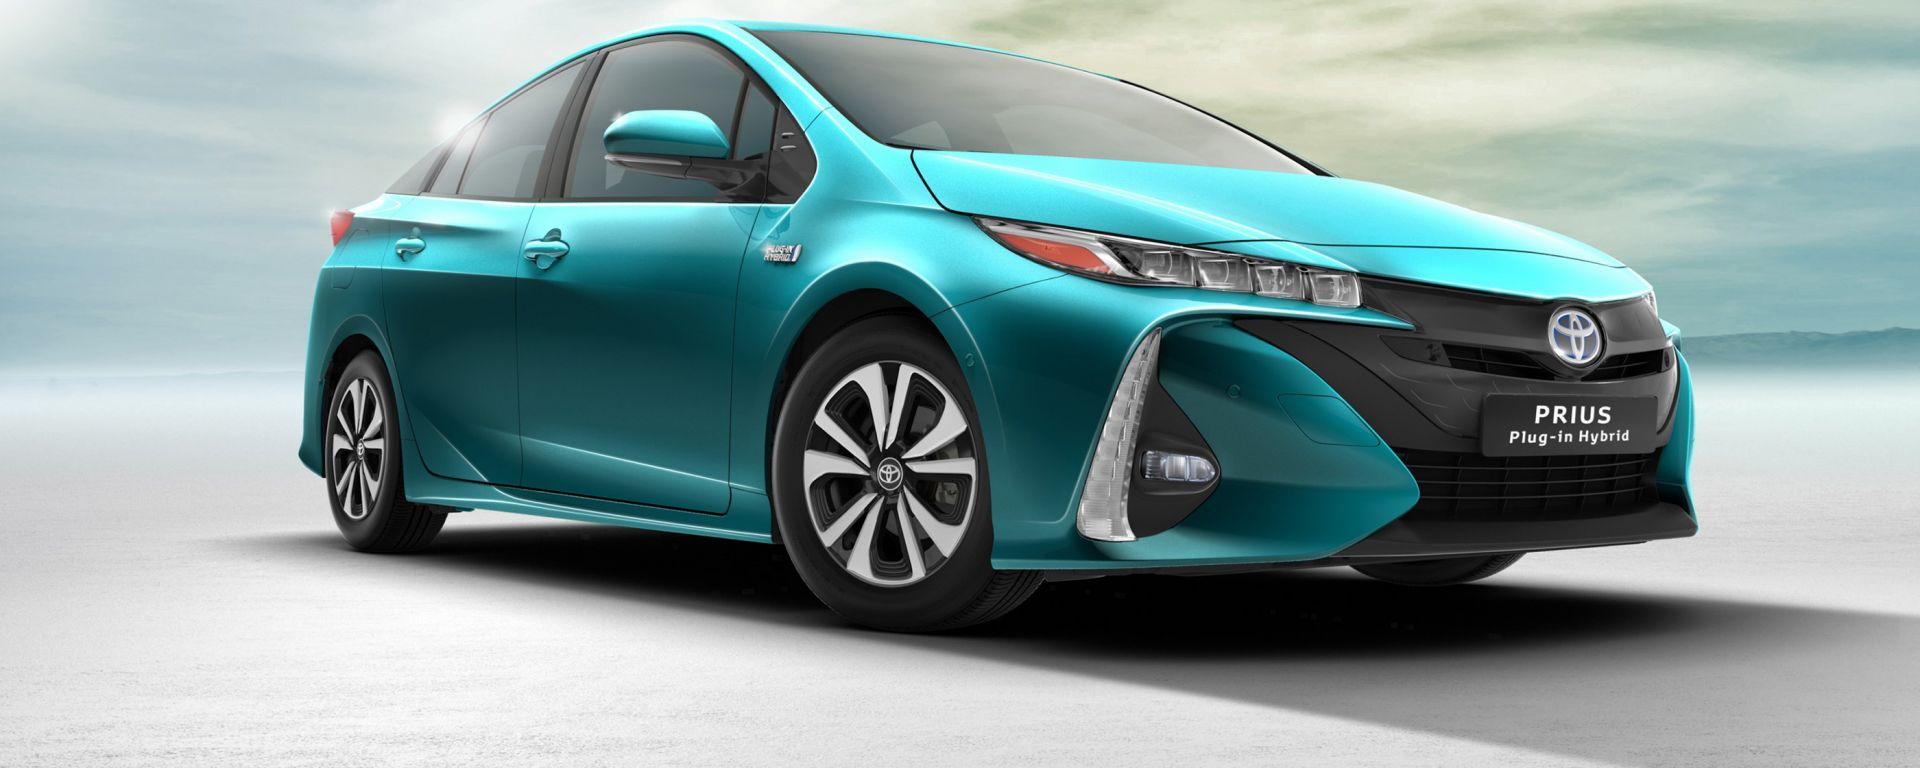 Toyota celebra i 20 anni dell'ibrido